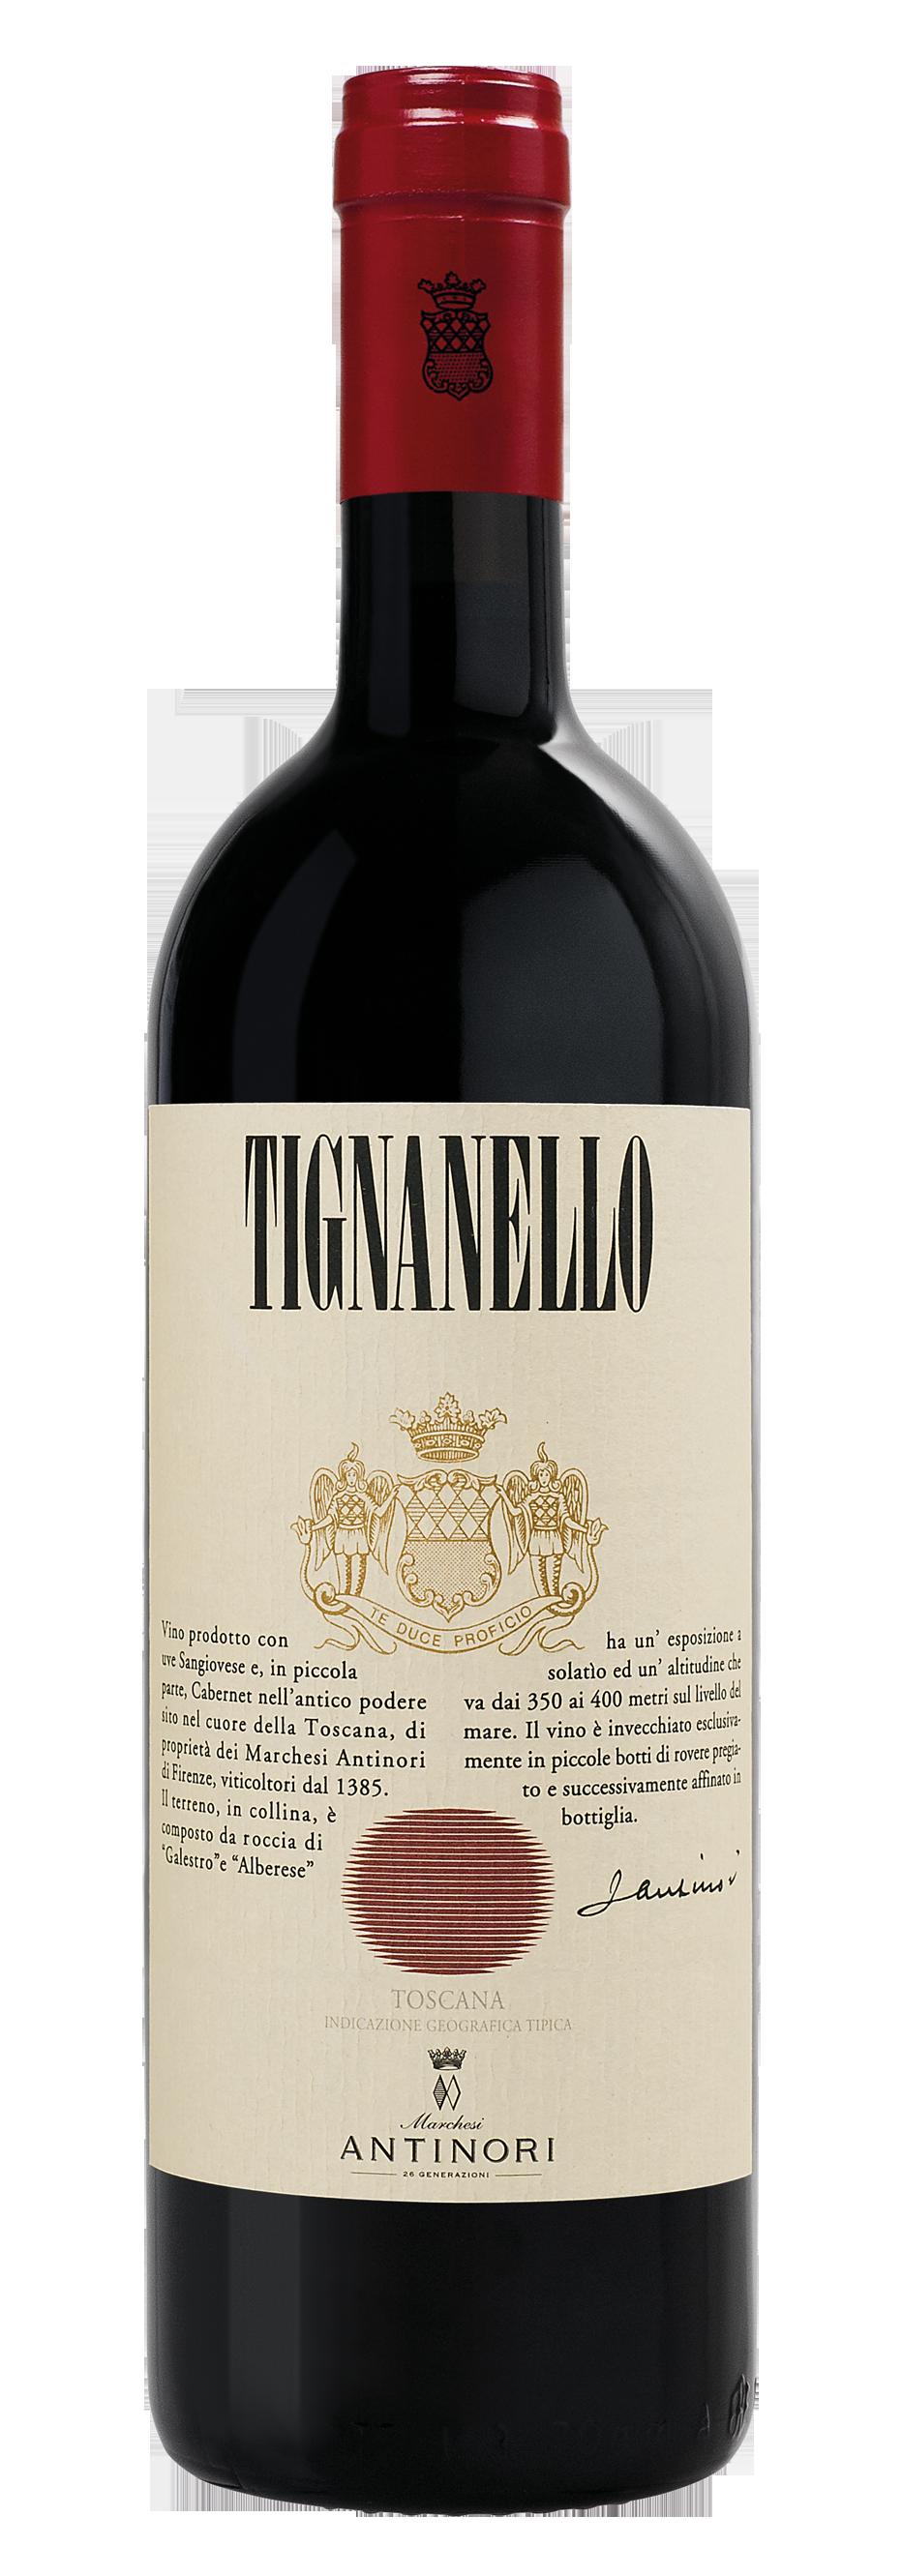 Tignanello 2014